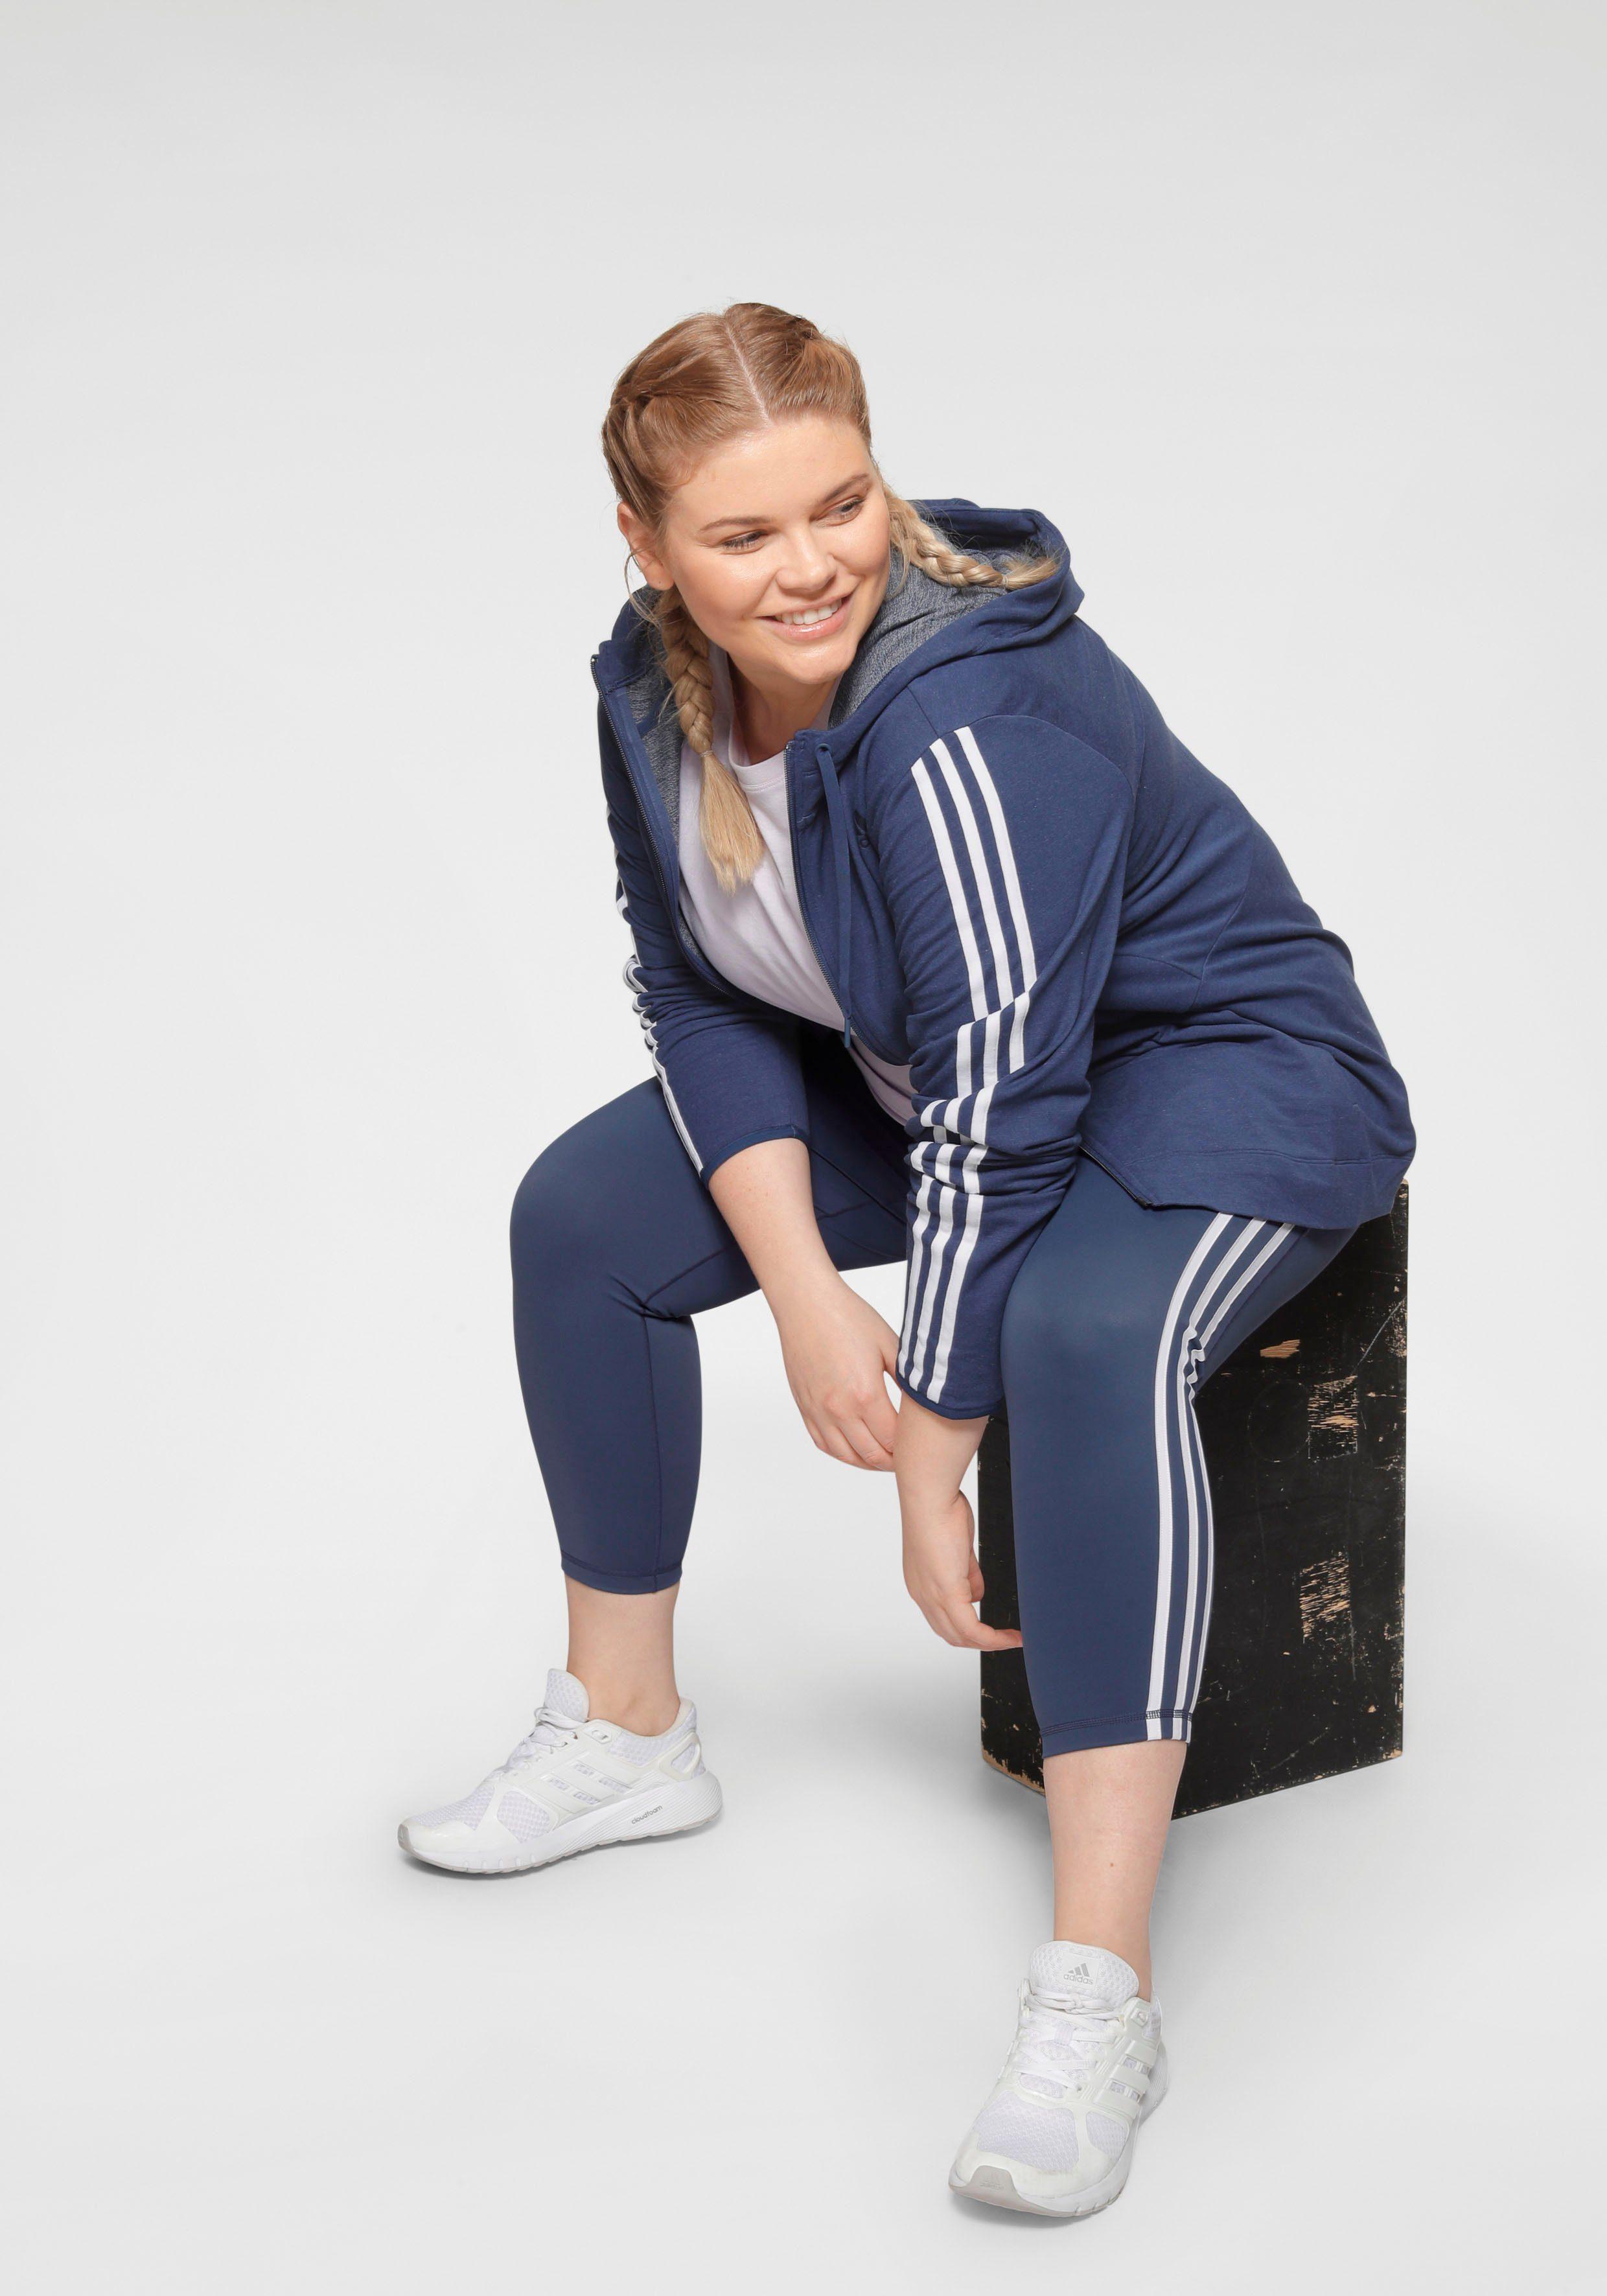 adidas Performance Kapuzensweatjacke 3 STRIPES KNIT FULLZIP HOOD online kaufen 4rWqA4